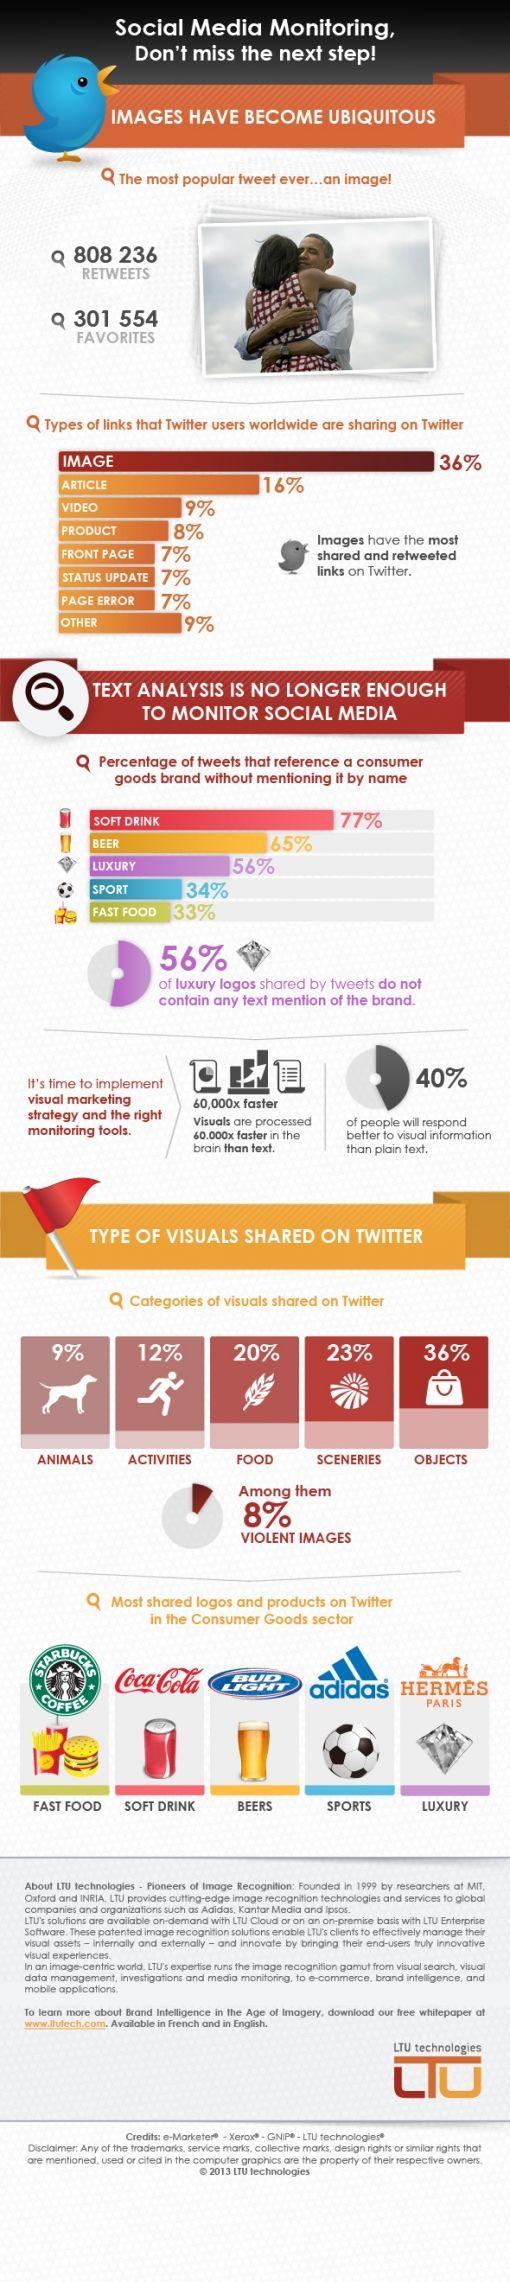 social-media-monitoring-images